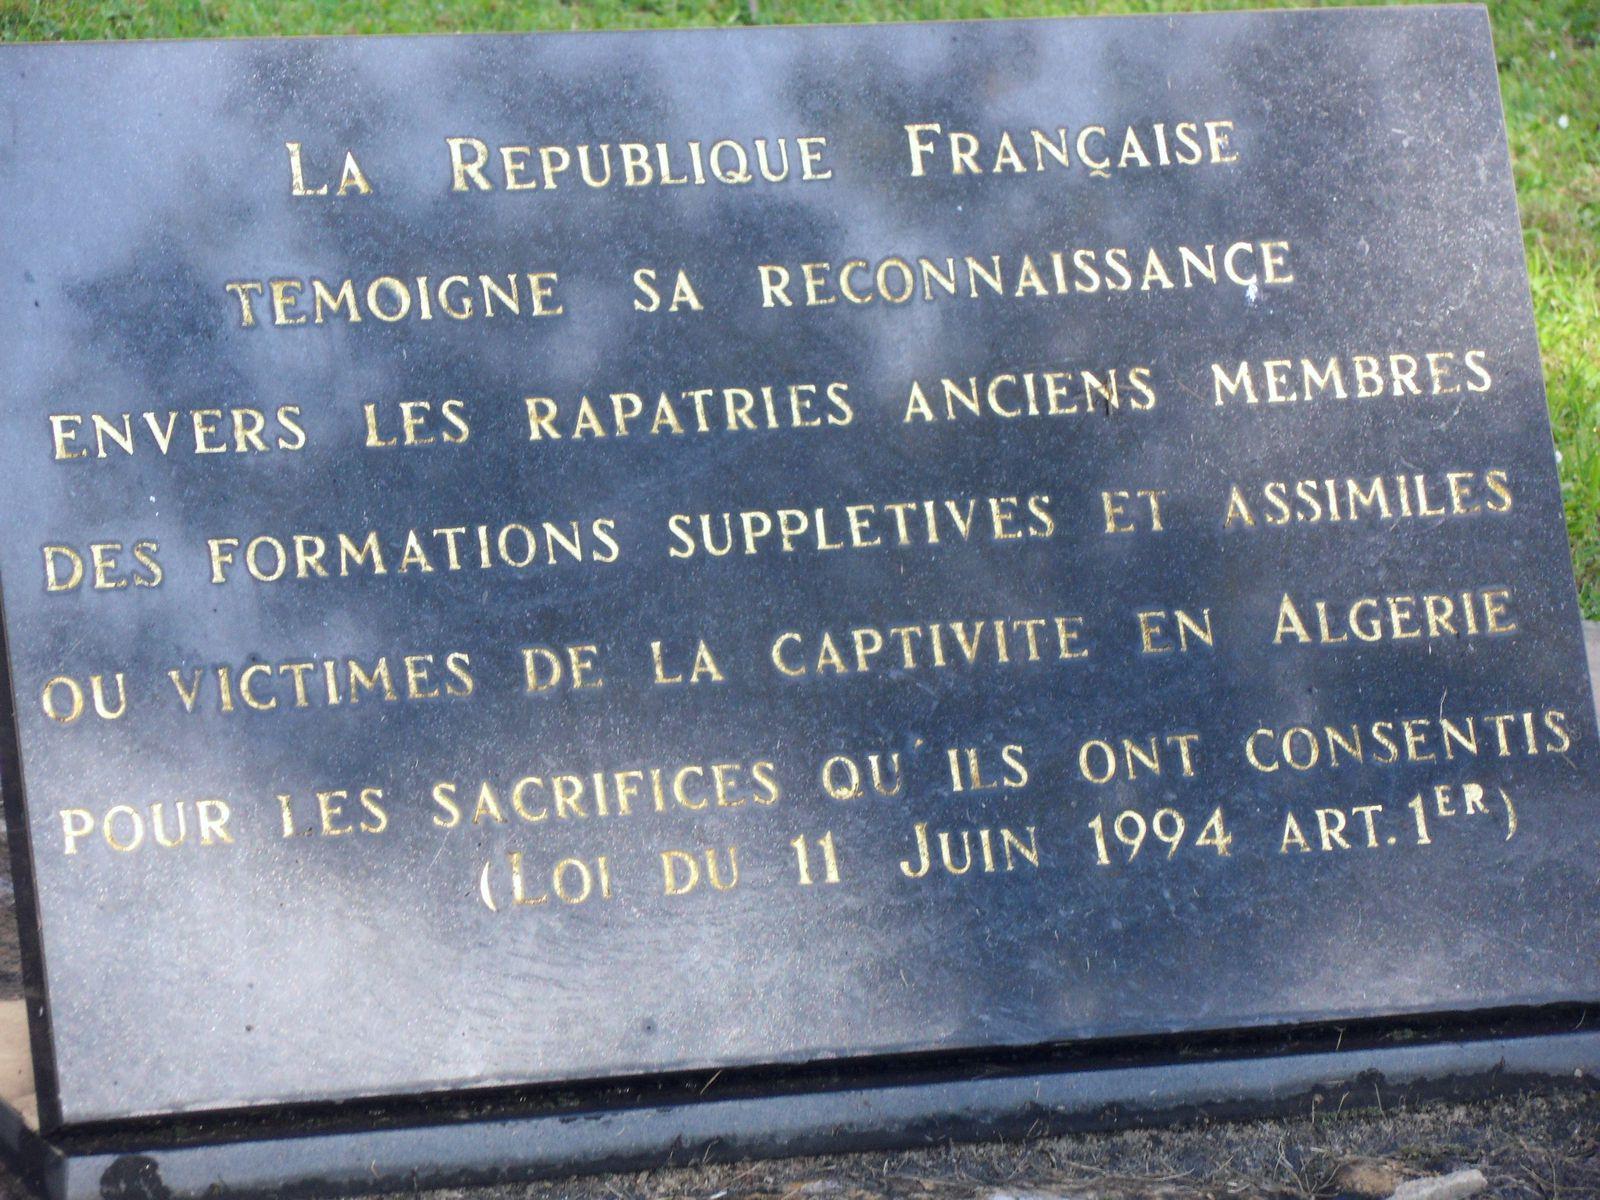 Photos Roland PICAUD: Cérémonie à Saint-Etienne avec prise d'armes avec le 1er Régiment de Spahis de Valence en tenue de tradition et de la musique de l'Infanterie de Lyon